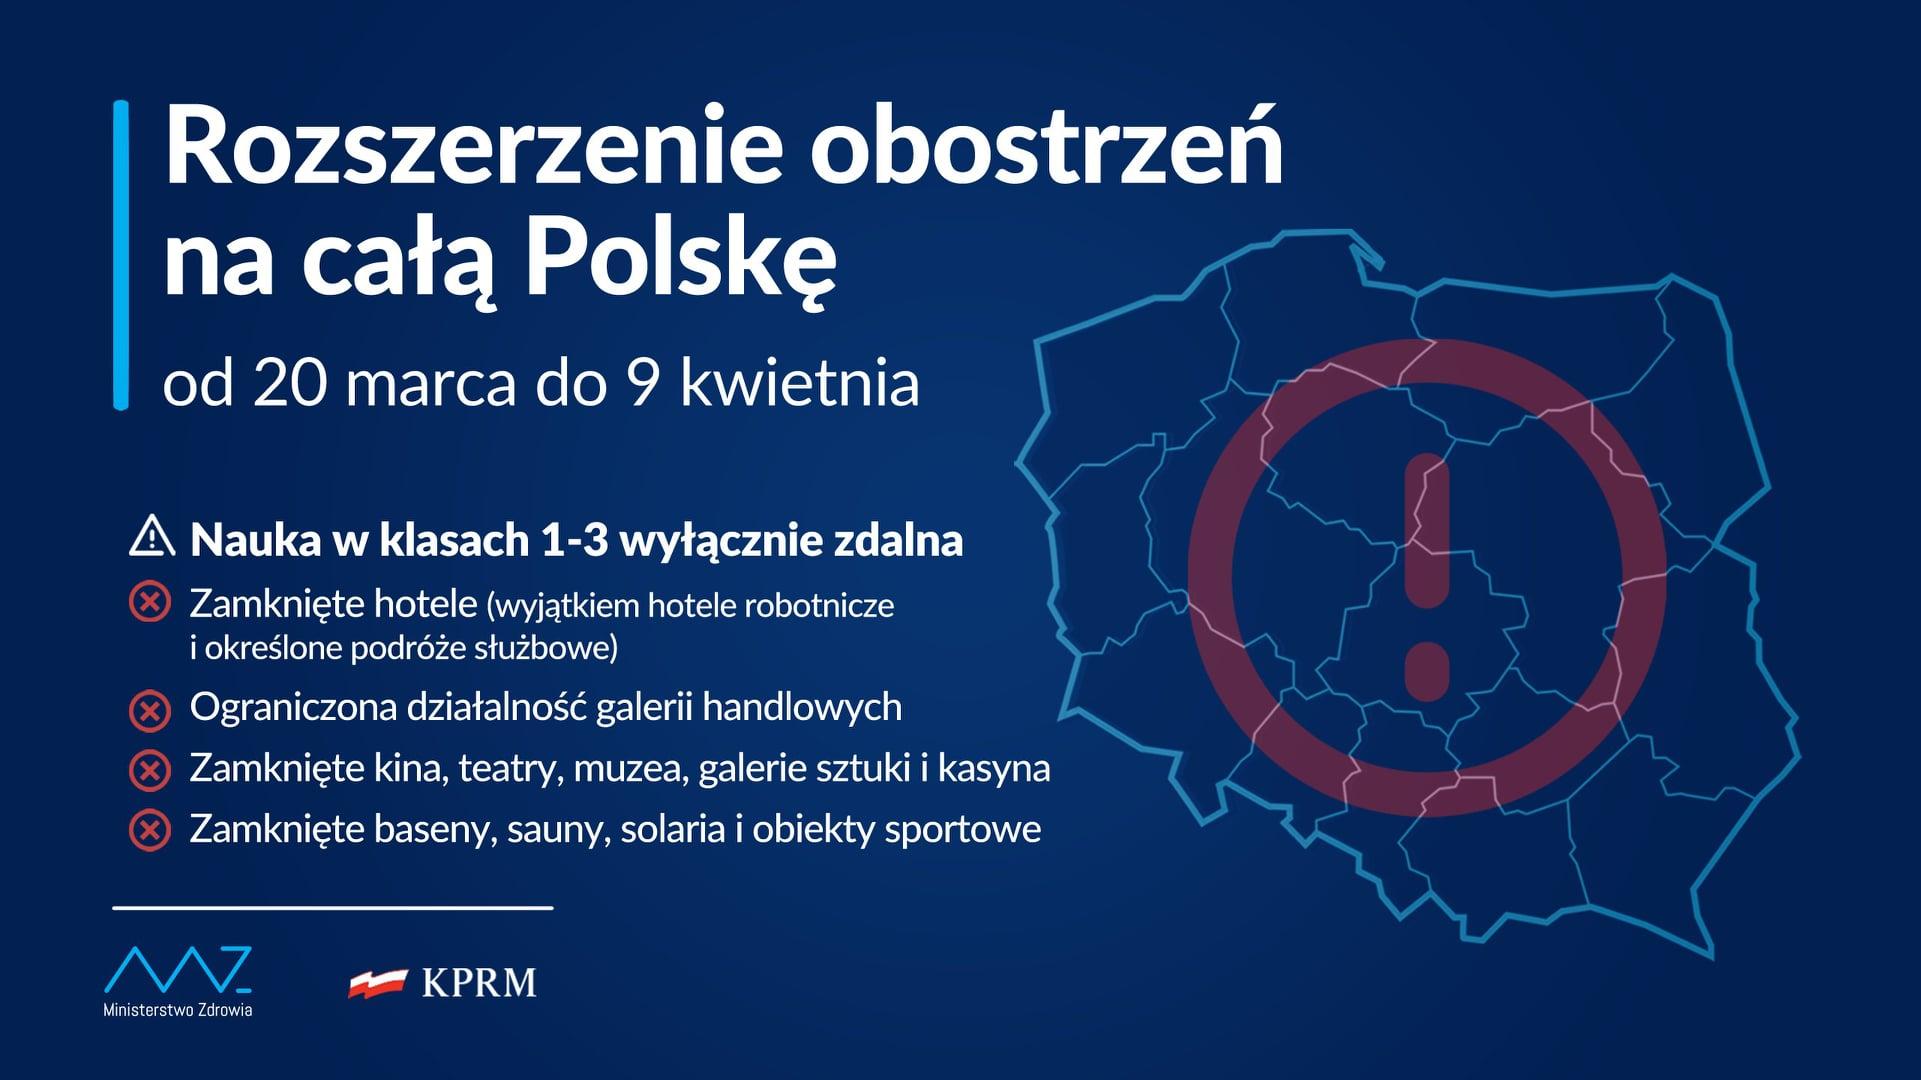 https://m.powiatszczycienski.pl/2021/03/orig/162120280-3325997594167716-5926831432198462220-o-38859.jpg